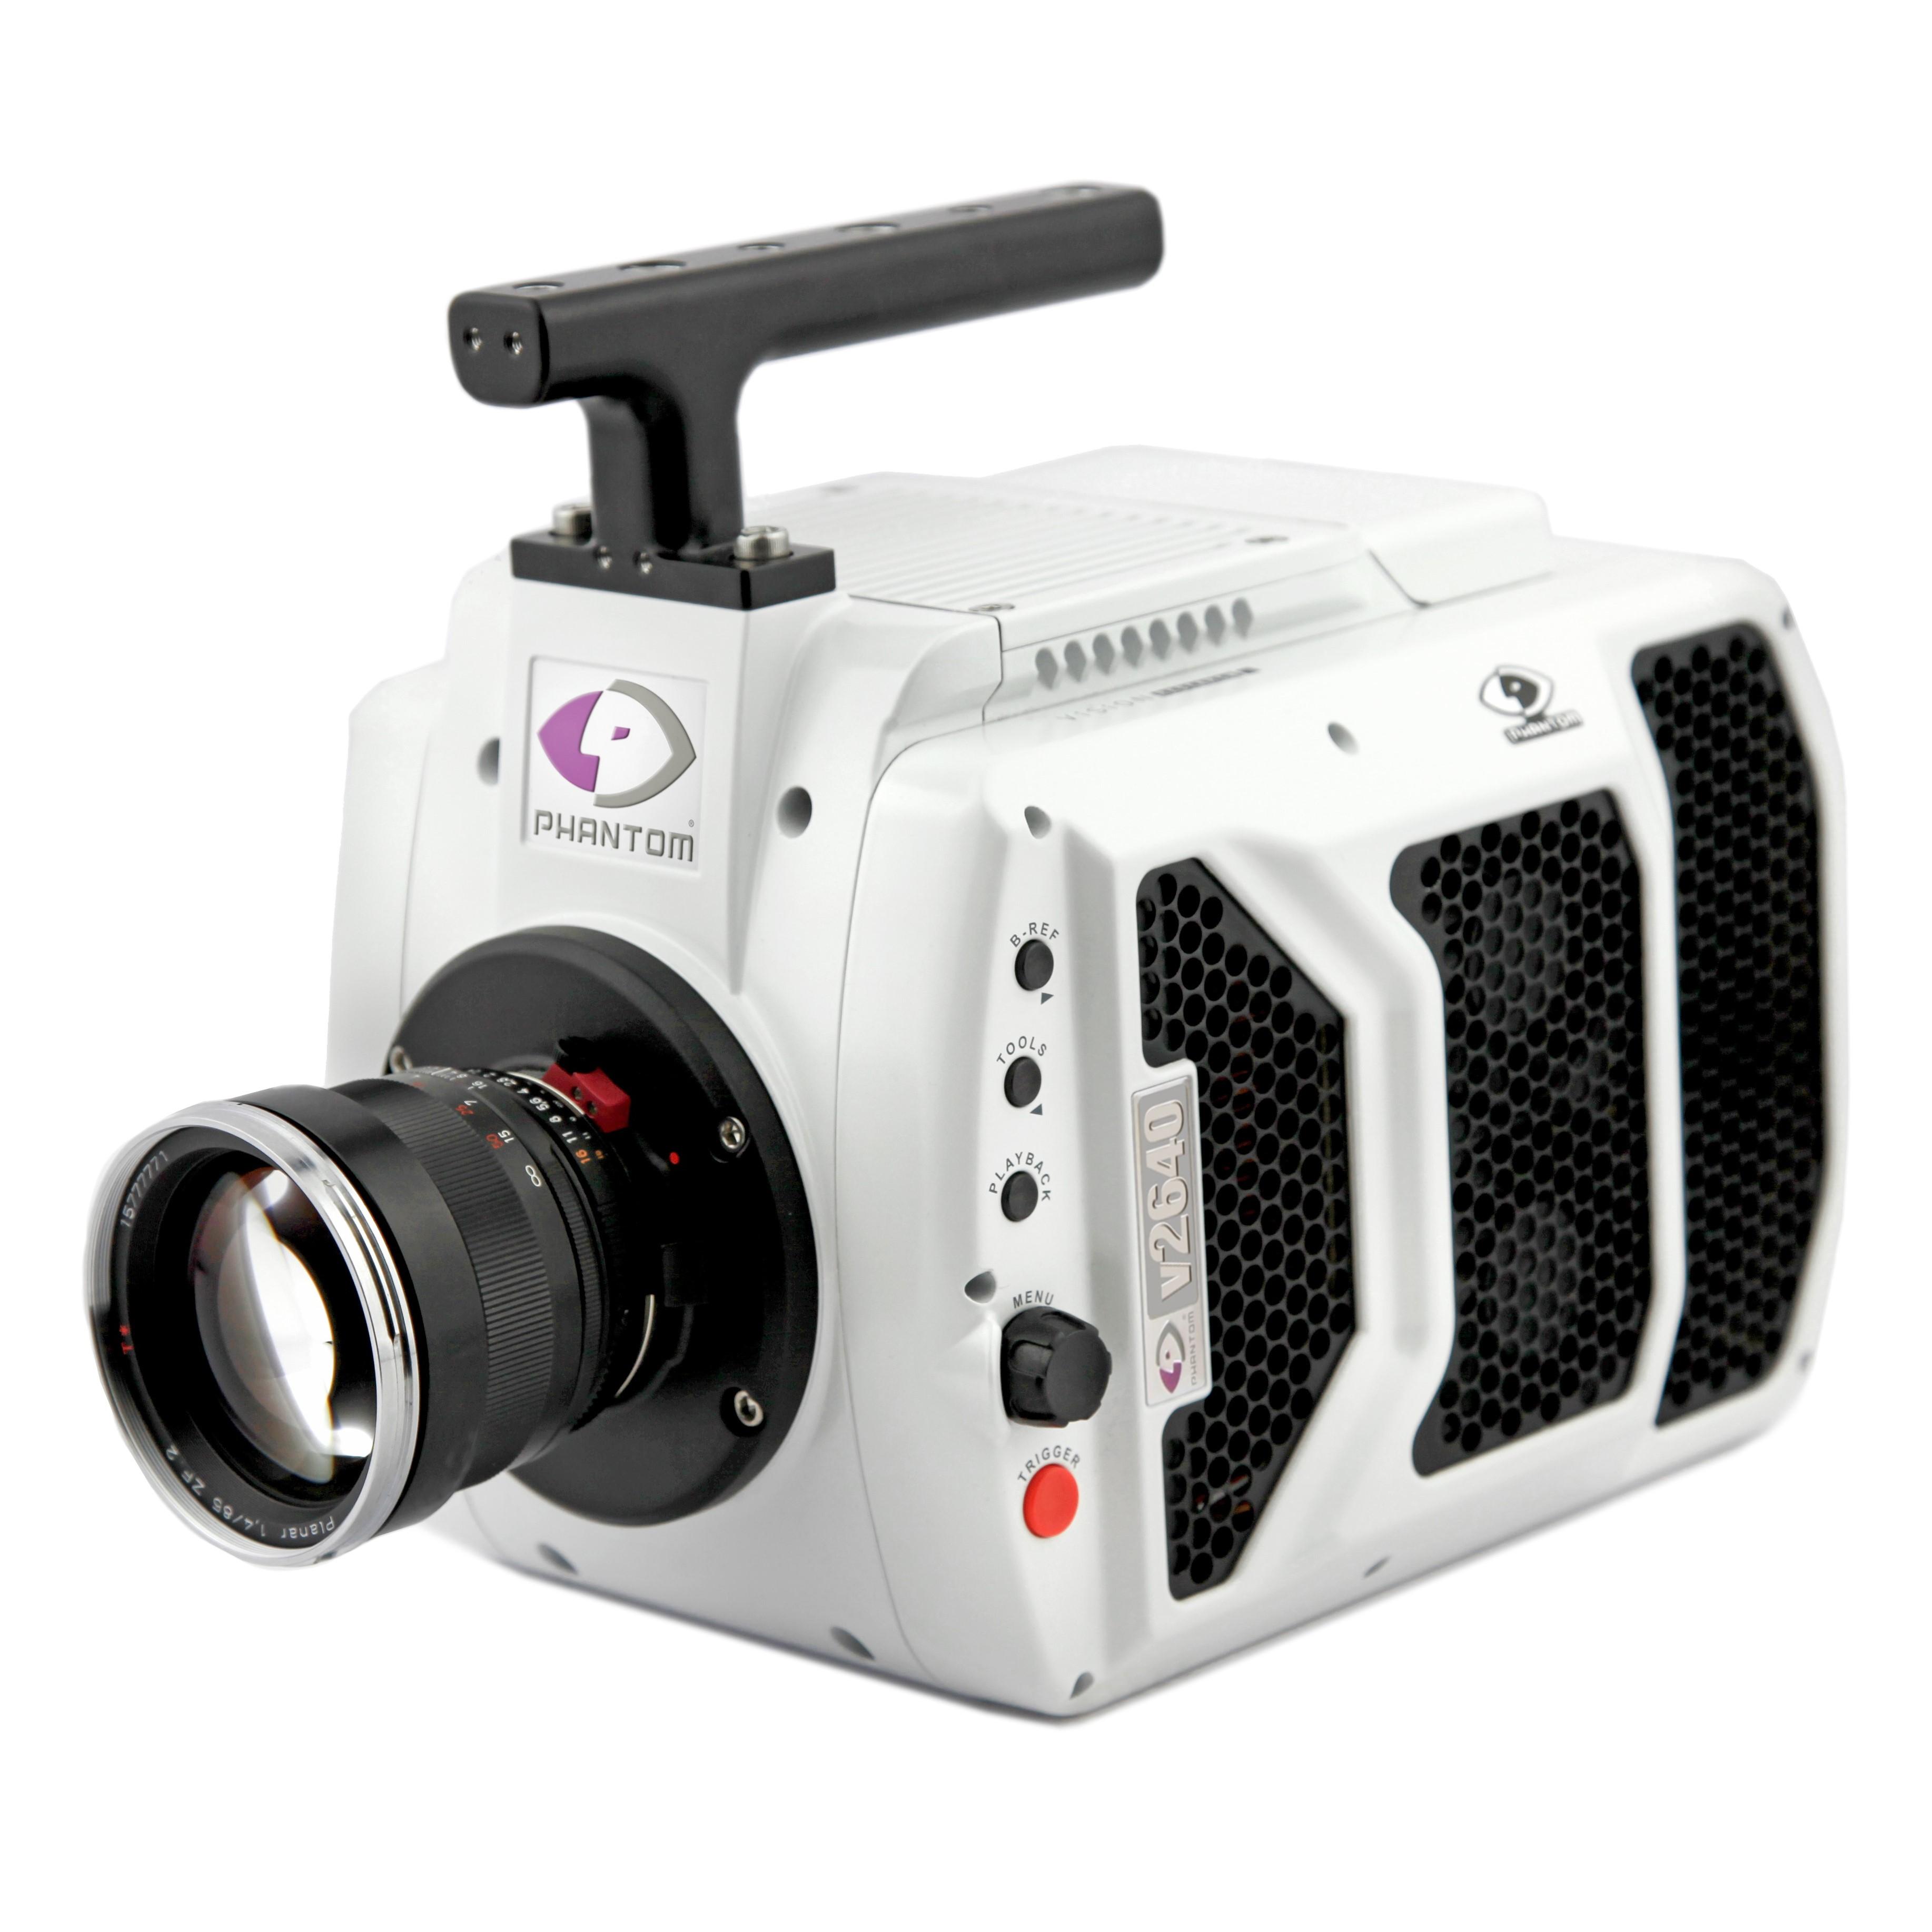 4M 超高画質ハイスピードカメラPhantom v2640